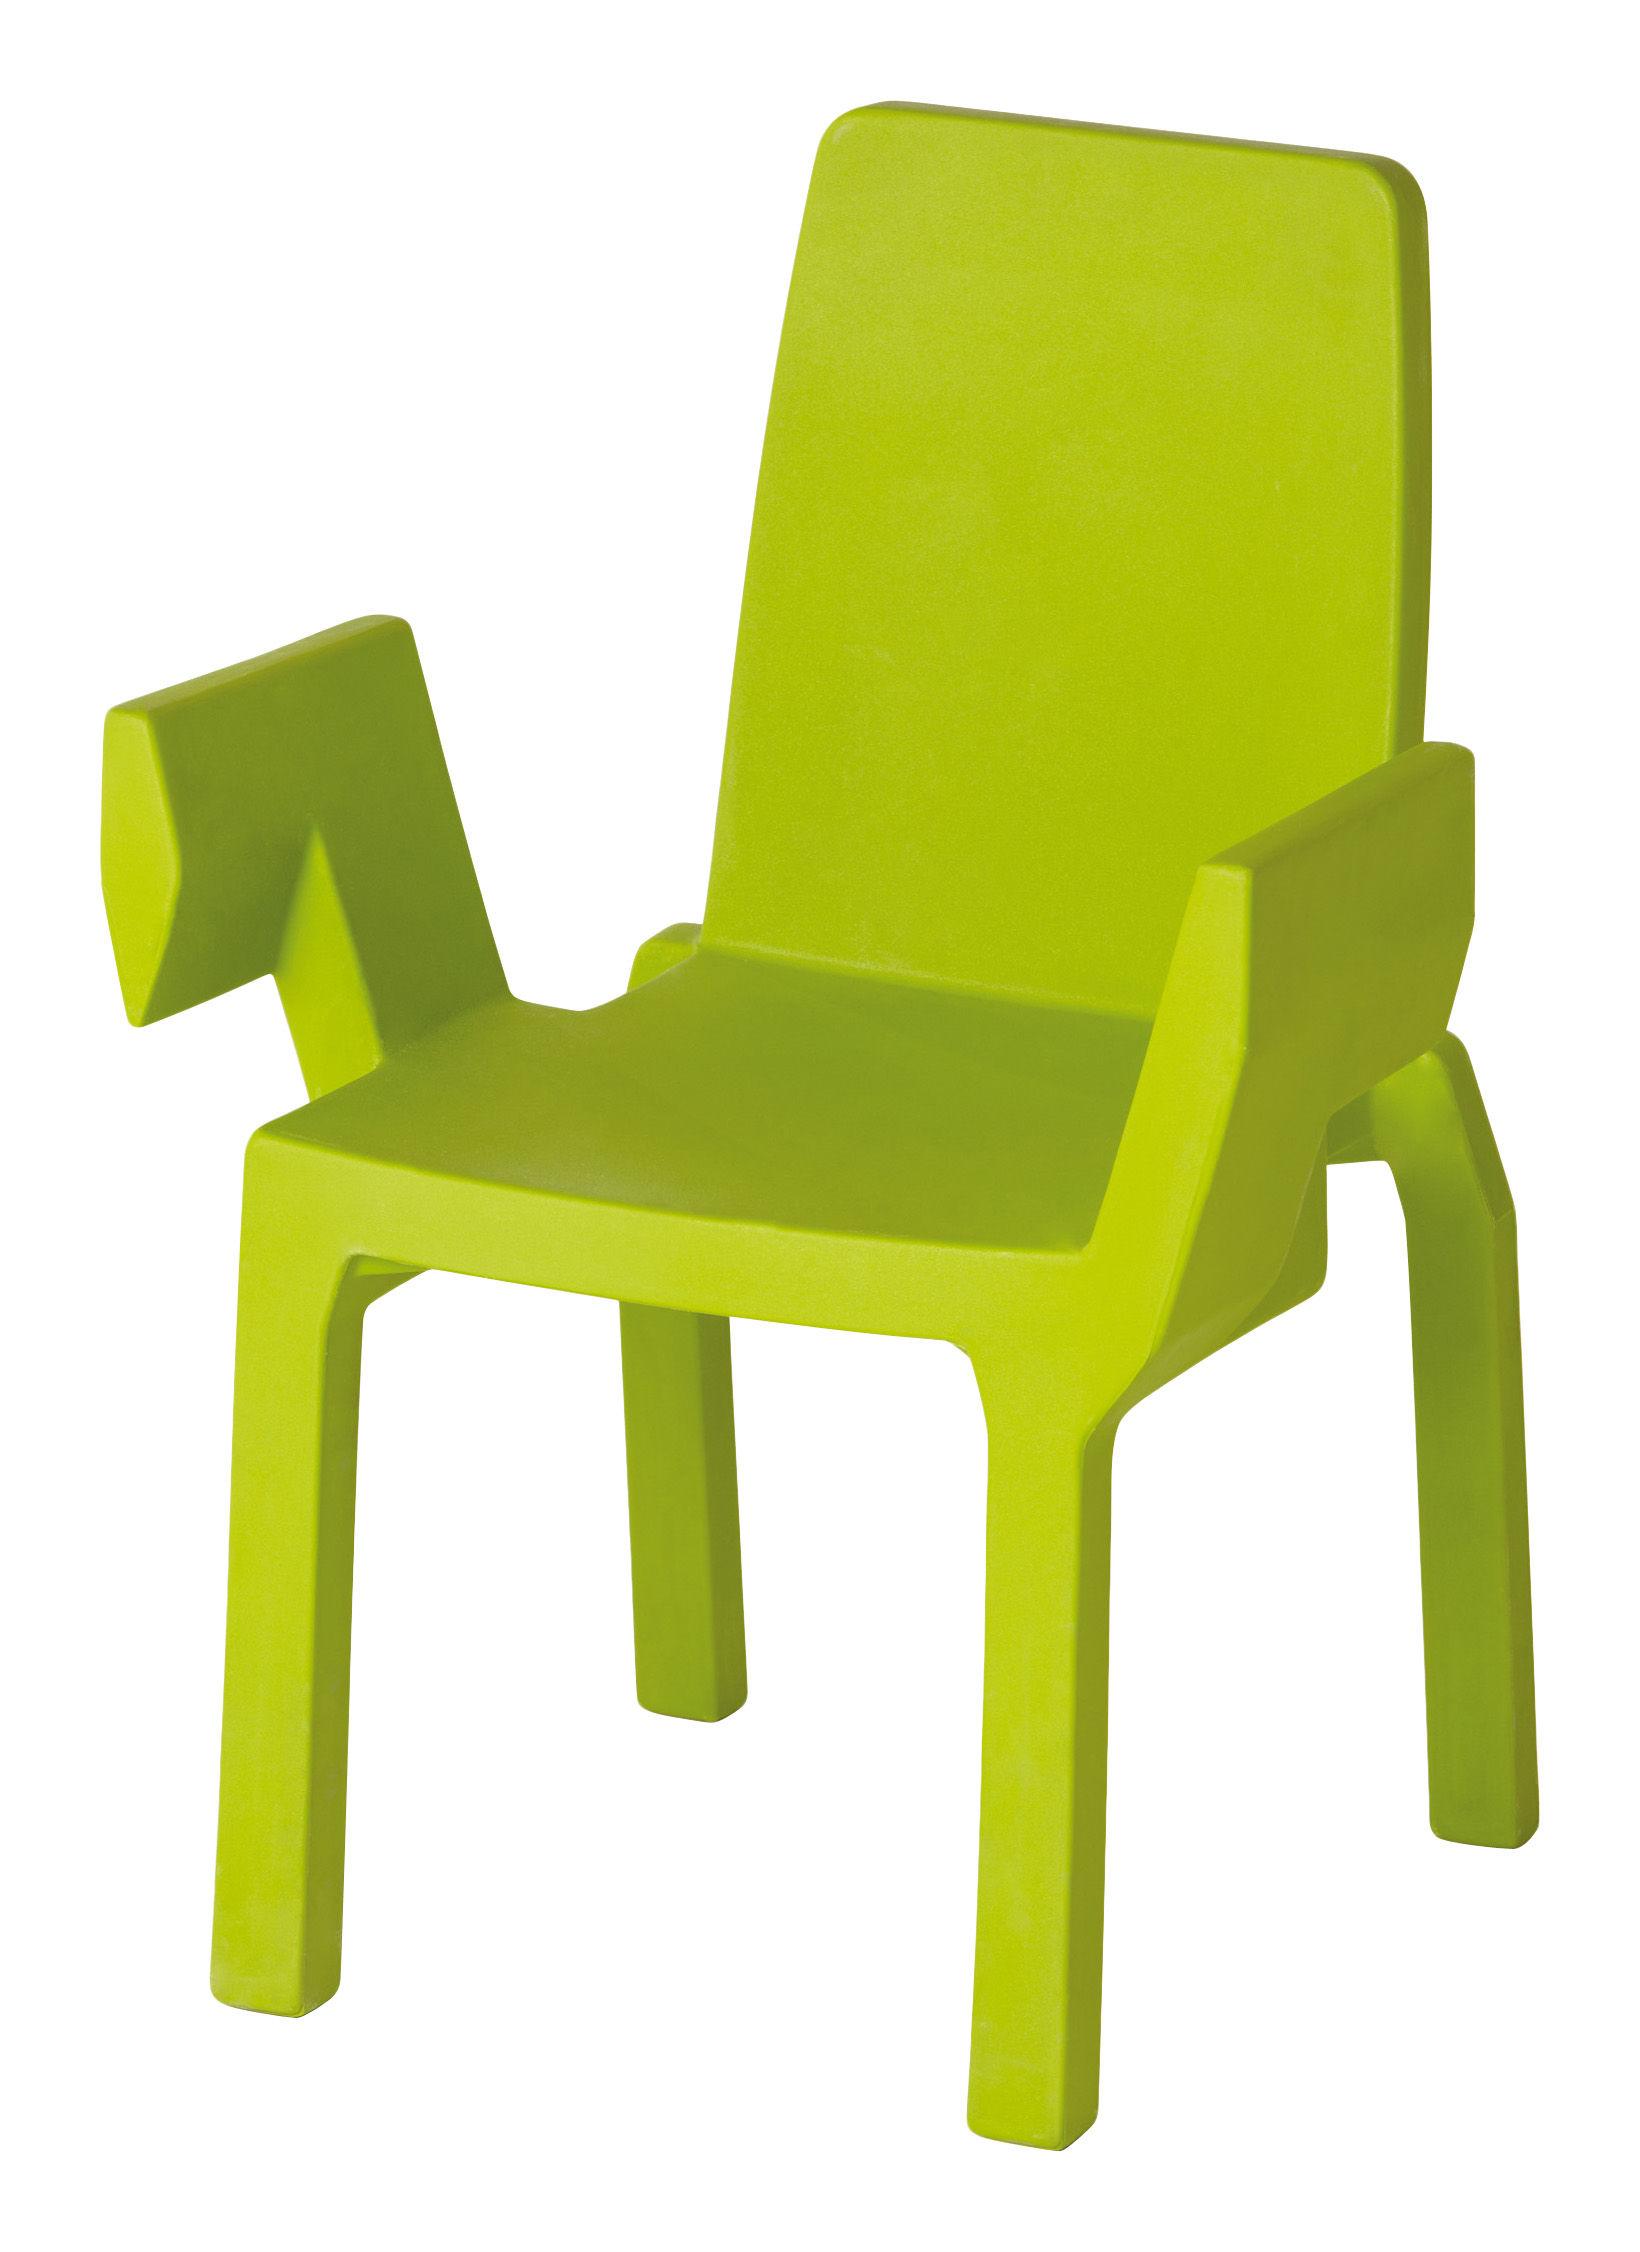 Arredamento - Sedie  - Poltrona impilabile Doublix di Slide - Verde - polietilene riciclabile